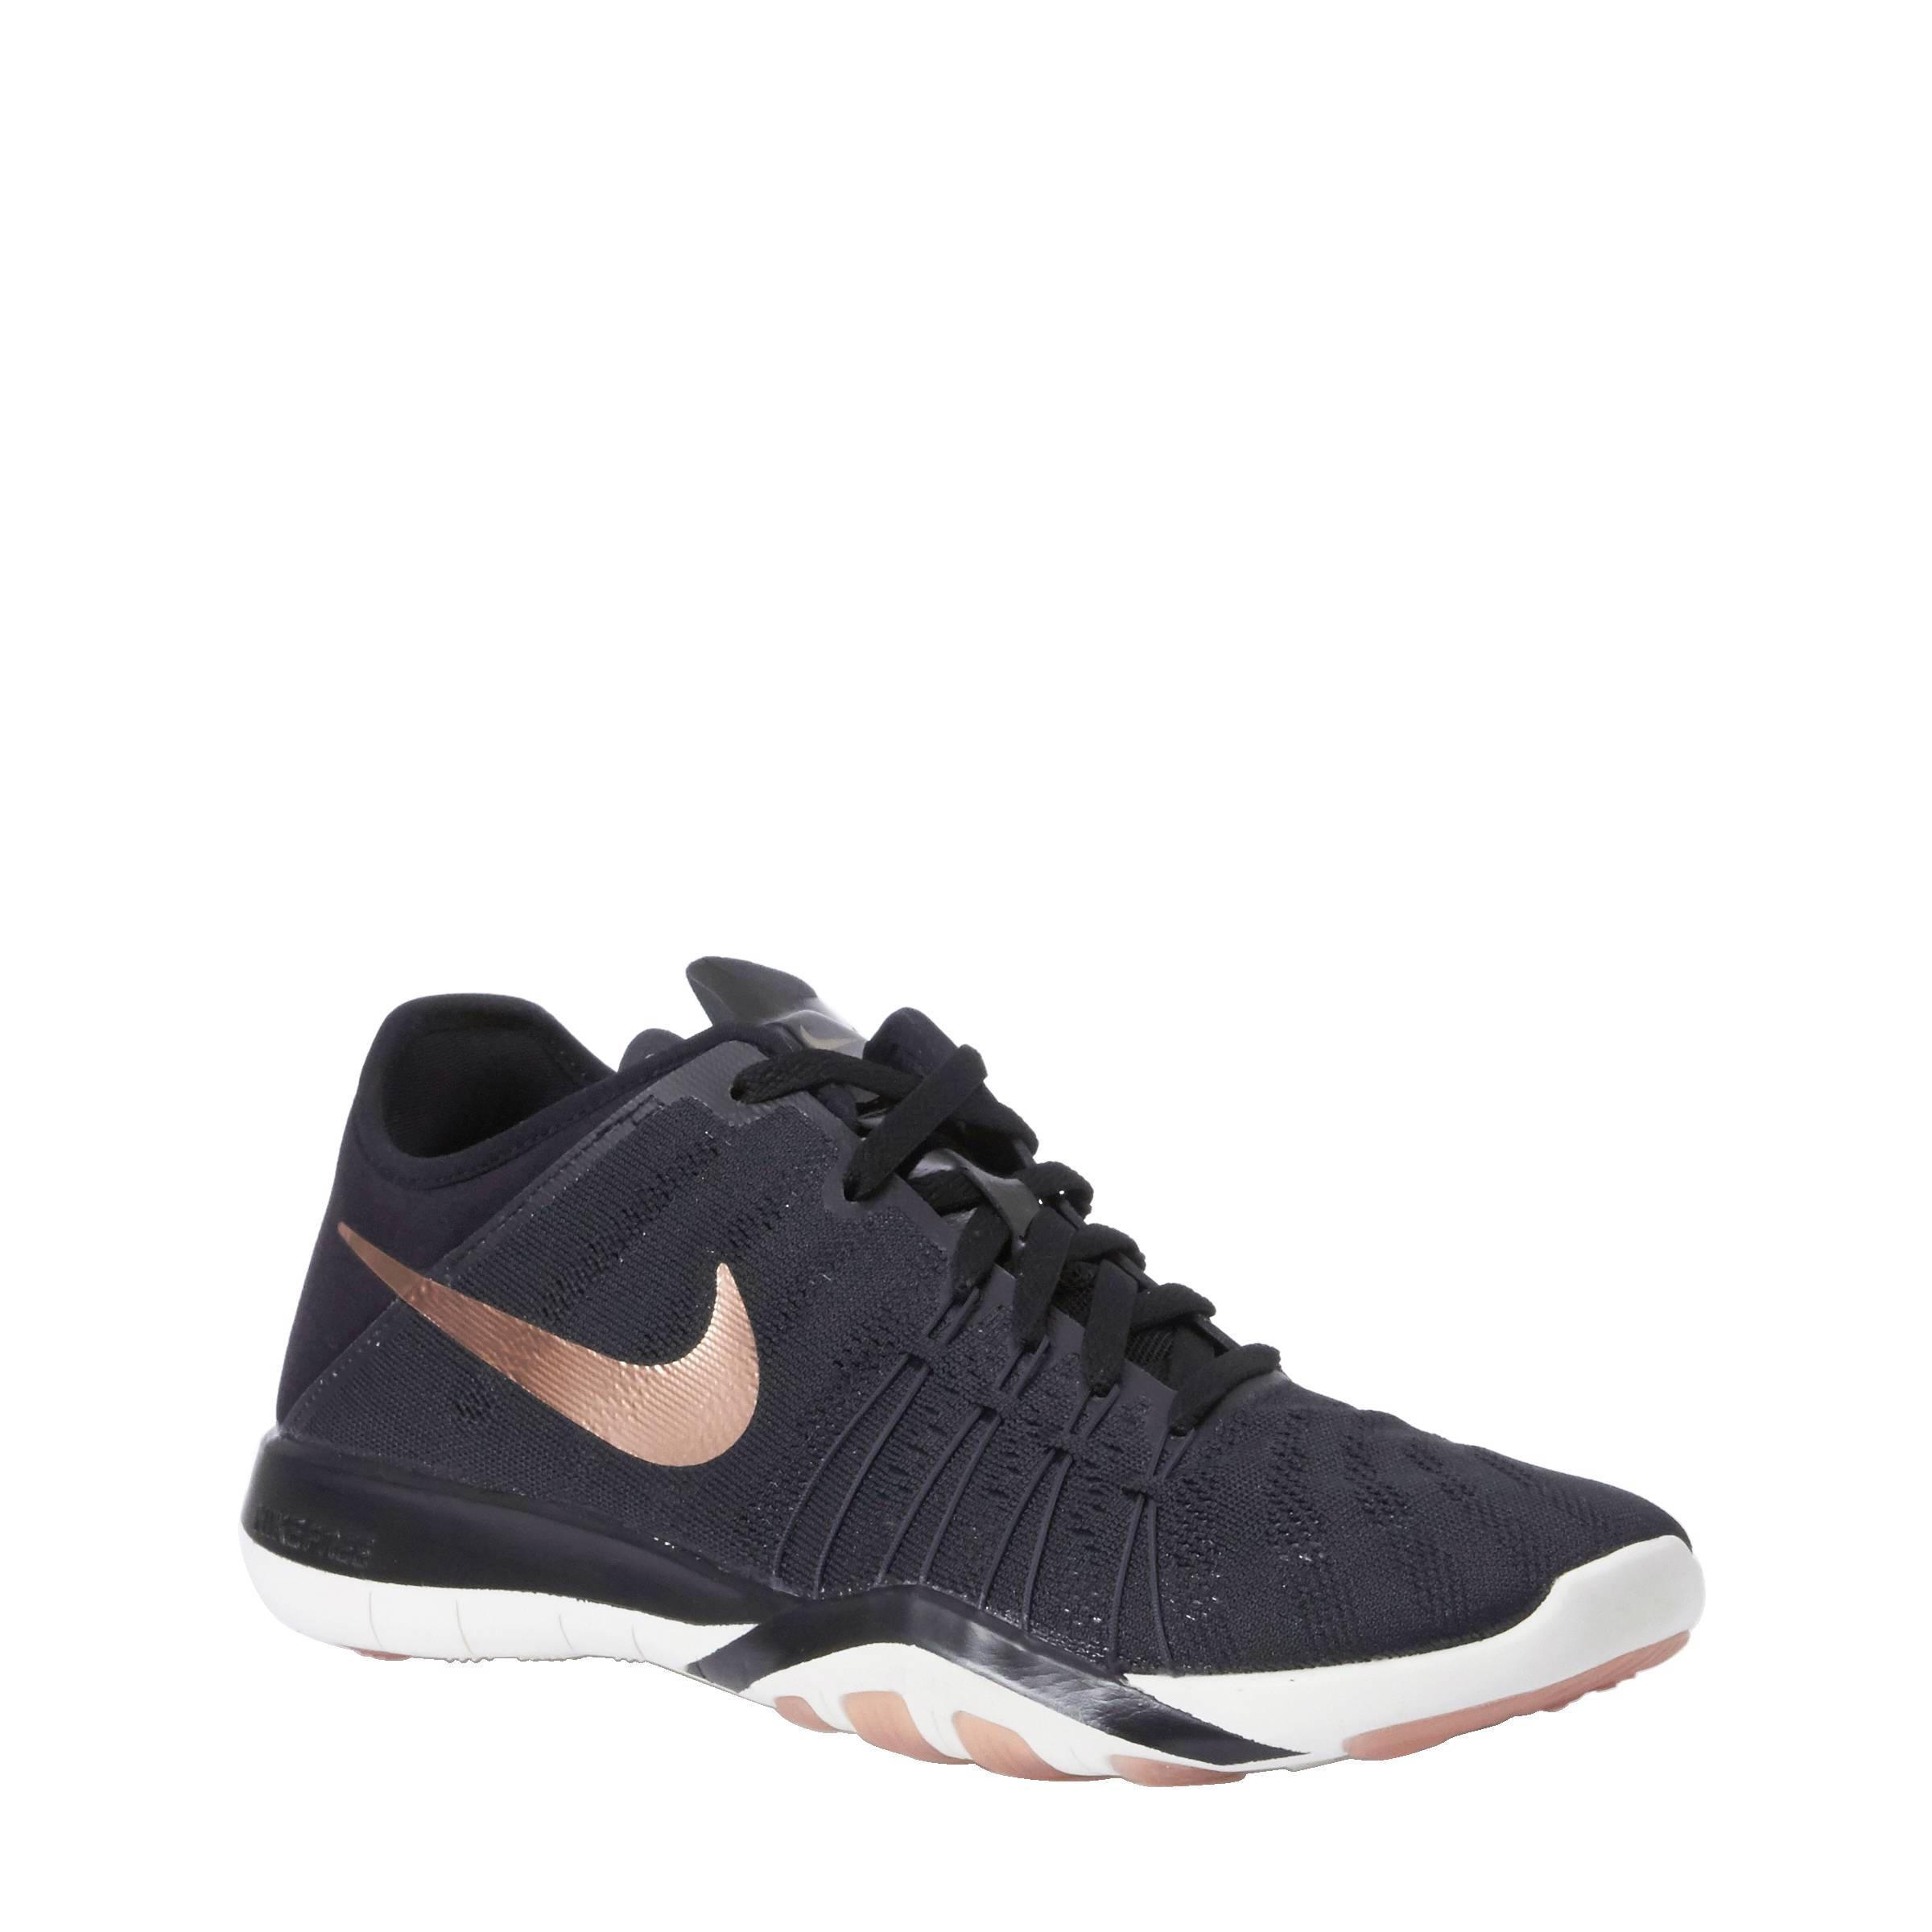 Nike Free TR 6 sportschoenen   wehkamp